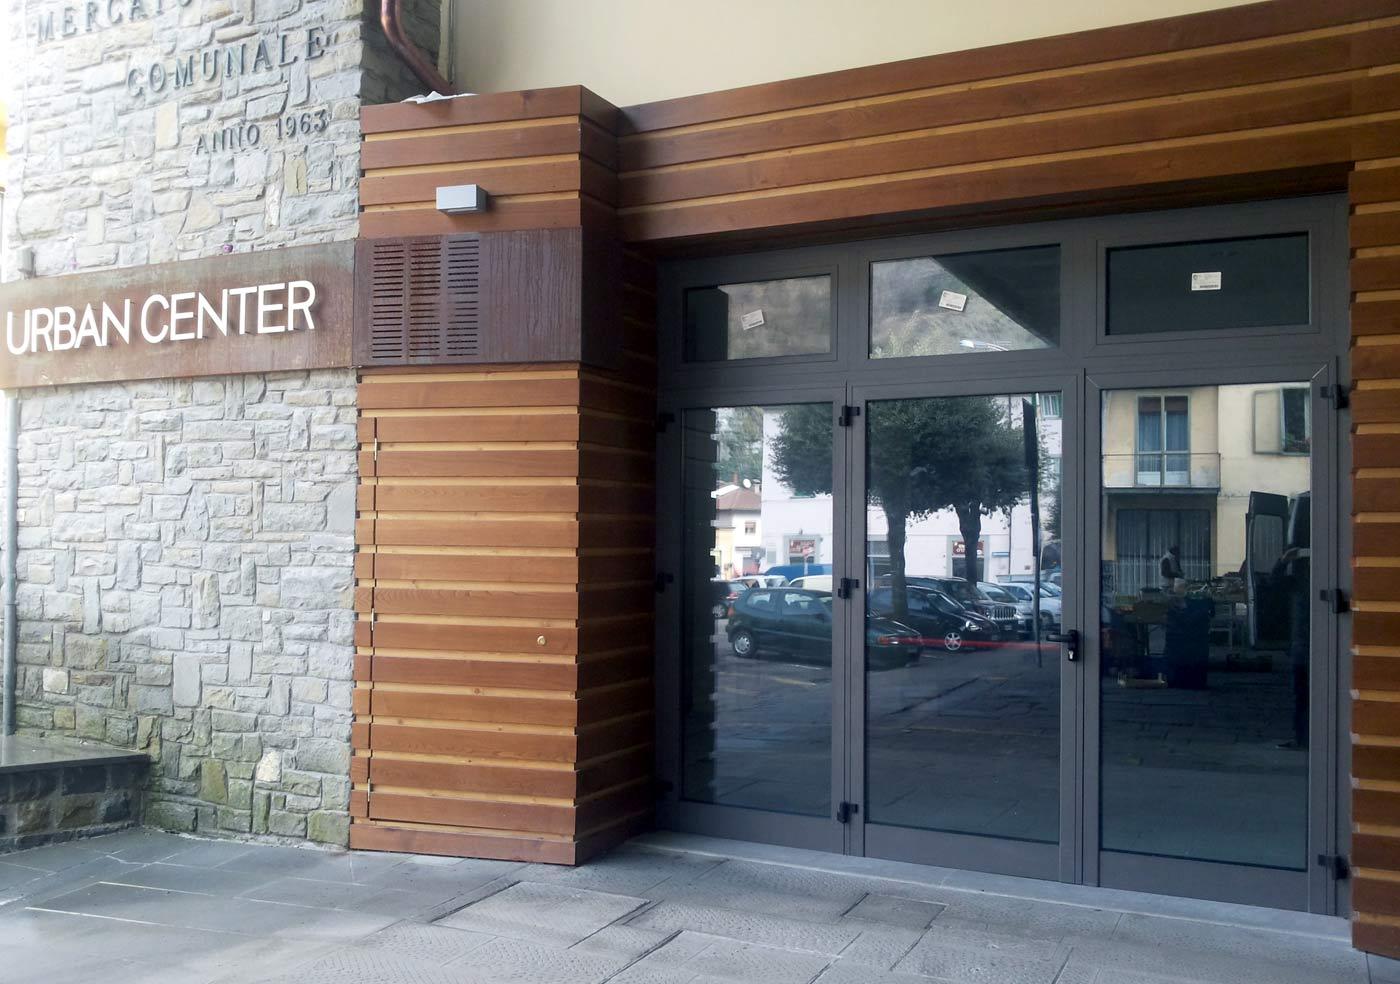 L'ingresso dell'Urban Center a Marradi